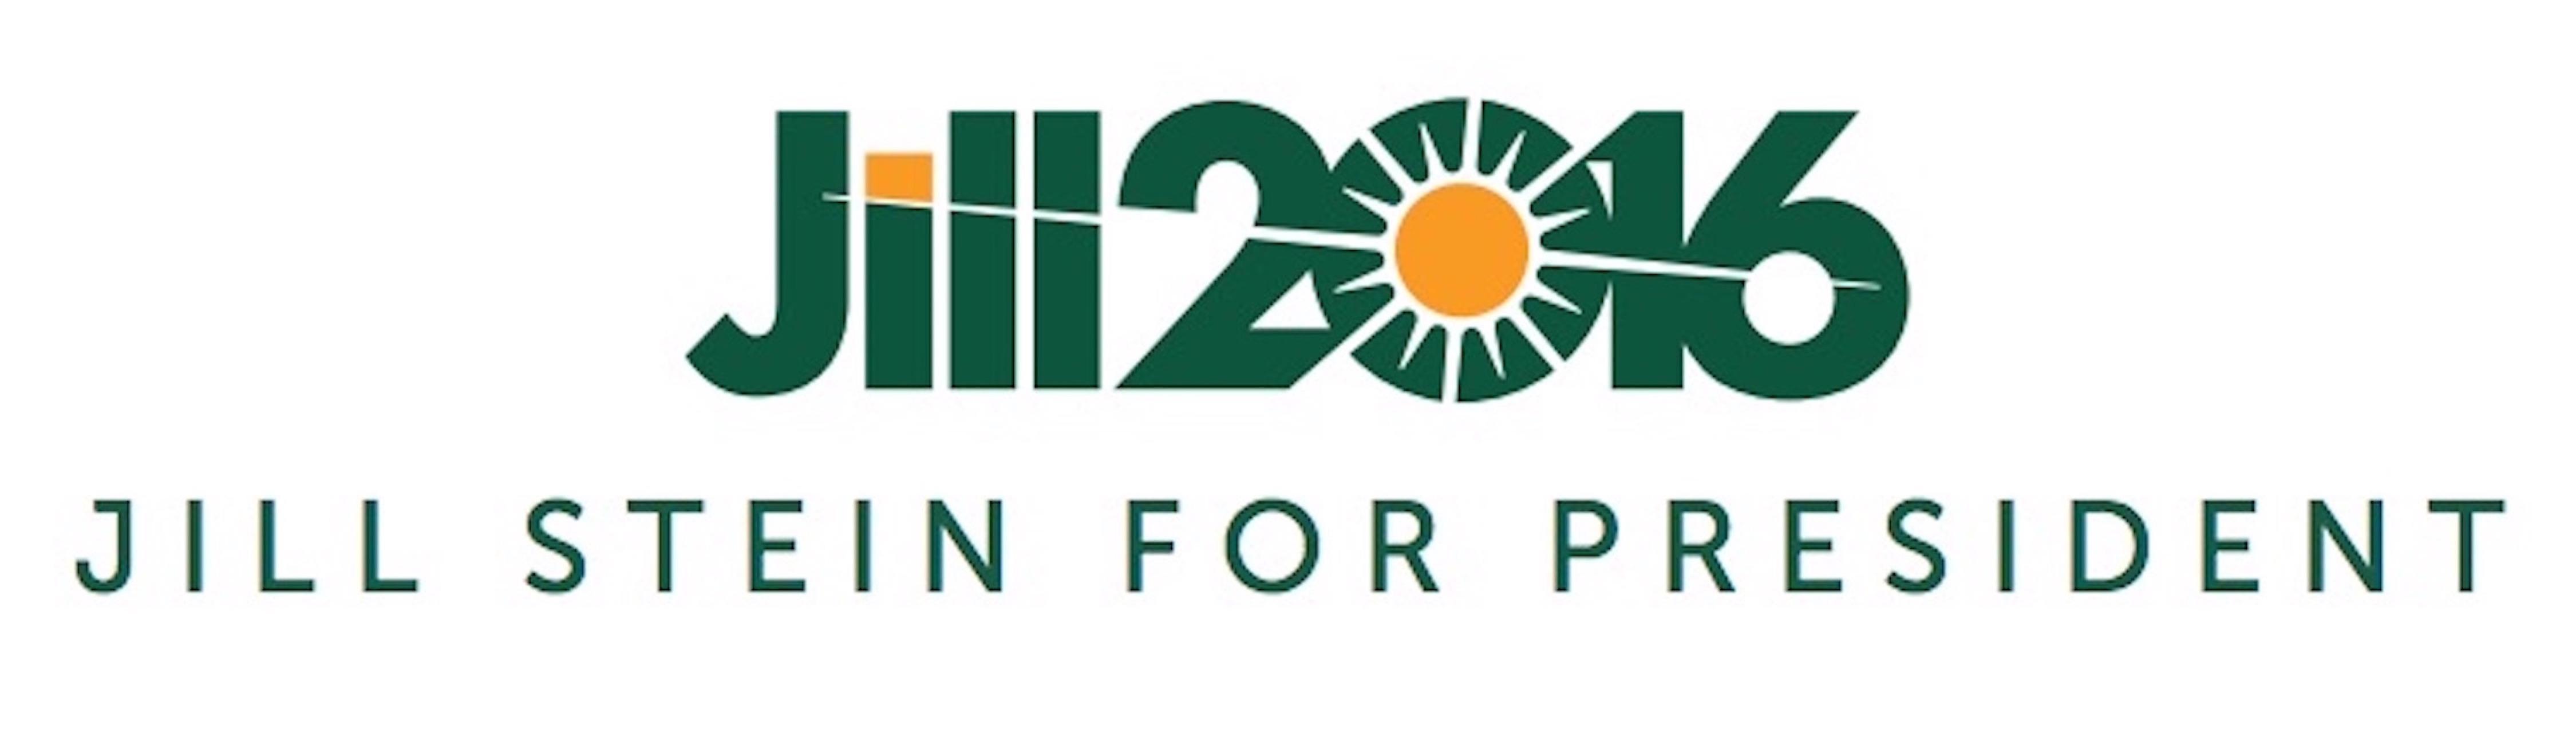 Jill_Logo.jpg